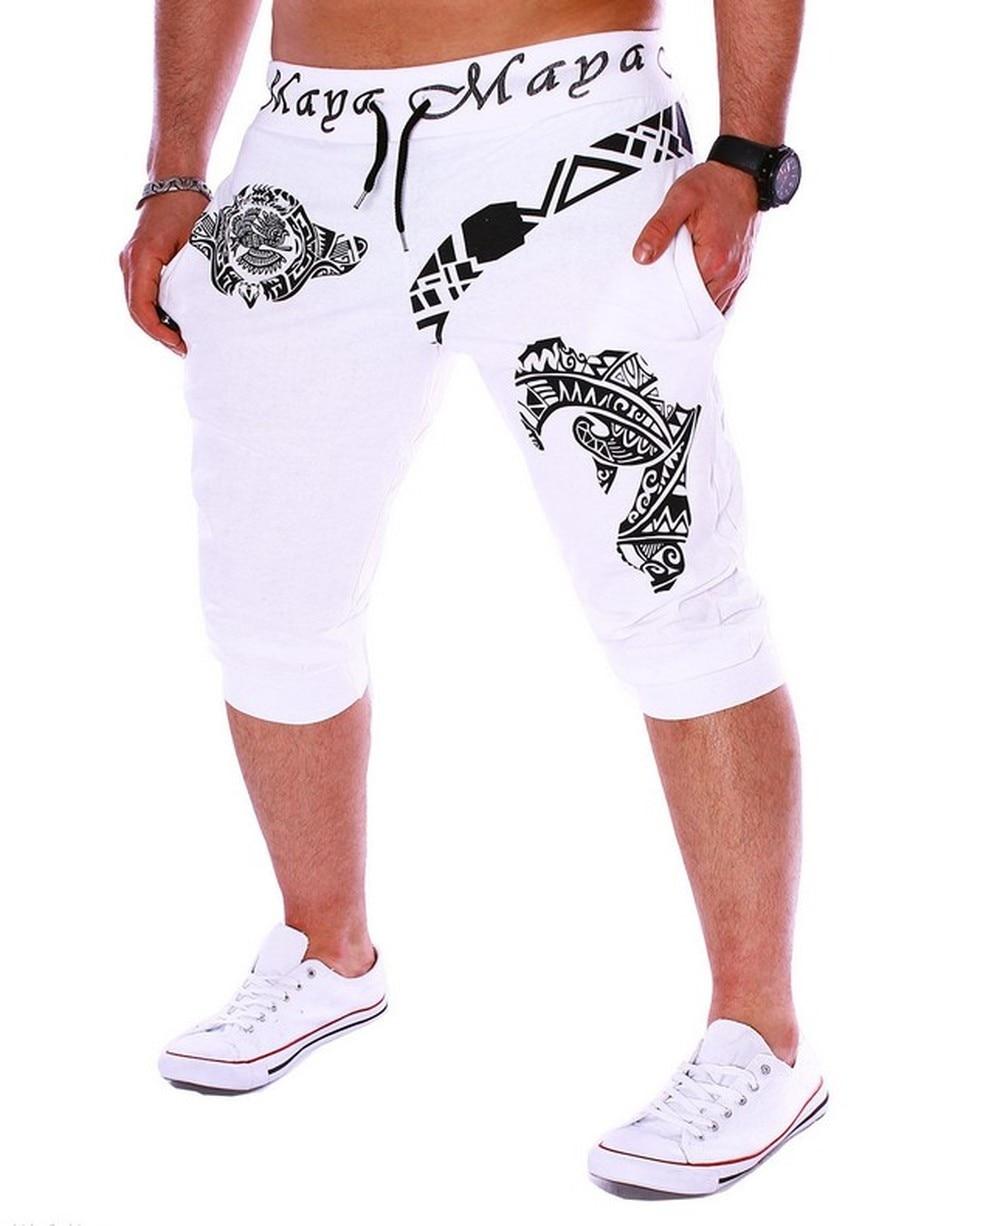 Ropa de Hombre Carta de Impressão dos Homens Moletom Zogaa Shorts Moda Casual Streetwear 3-cor Sweatpants Corredores Calções 2020